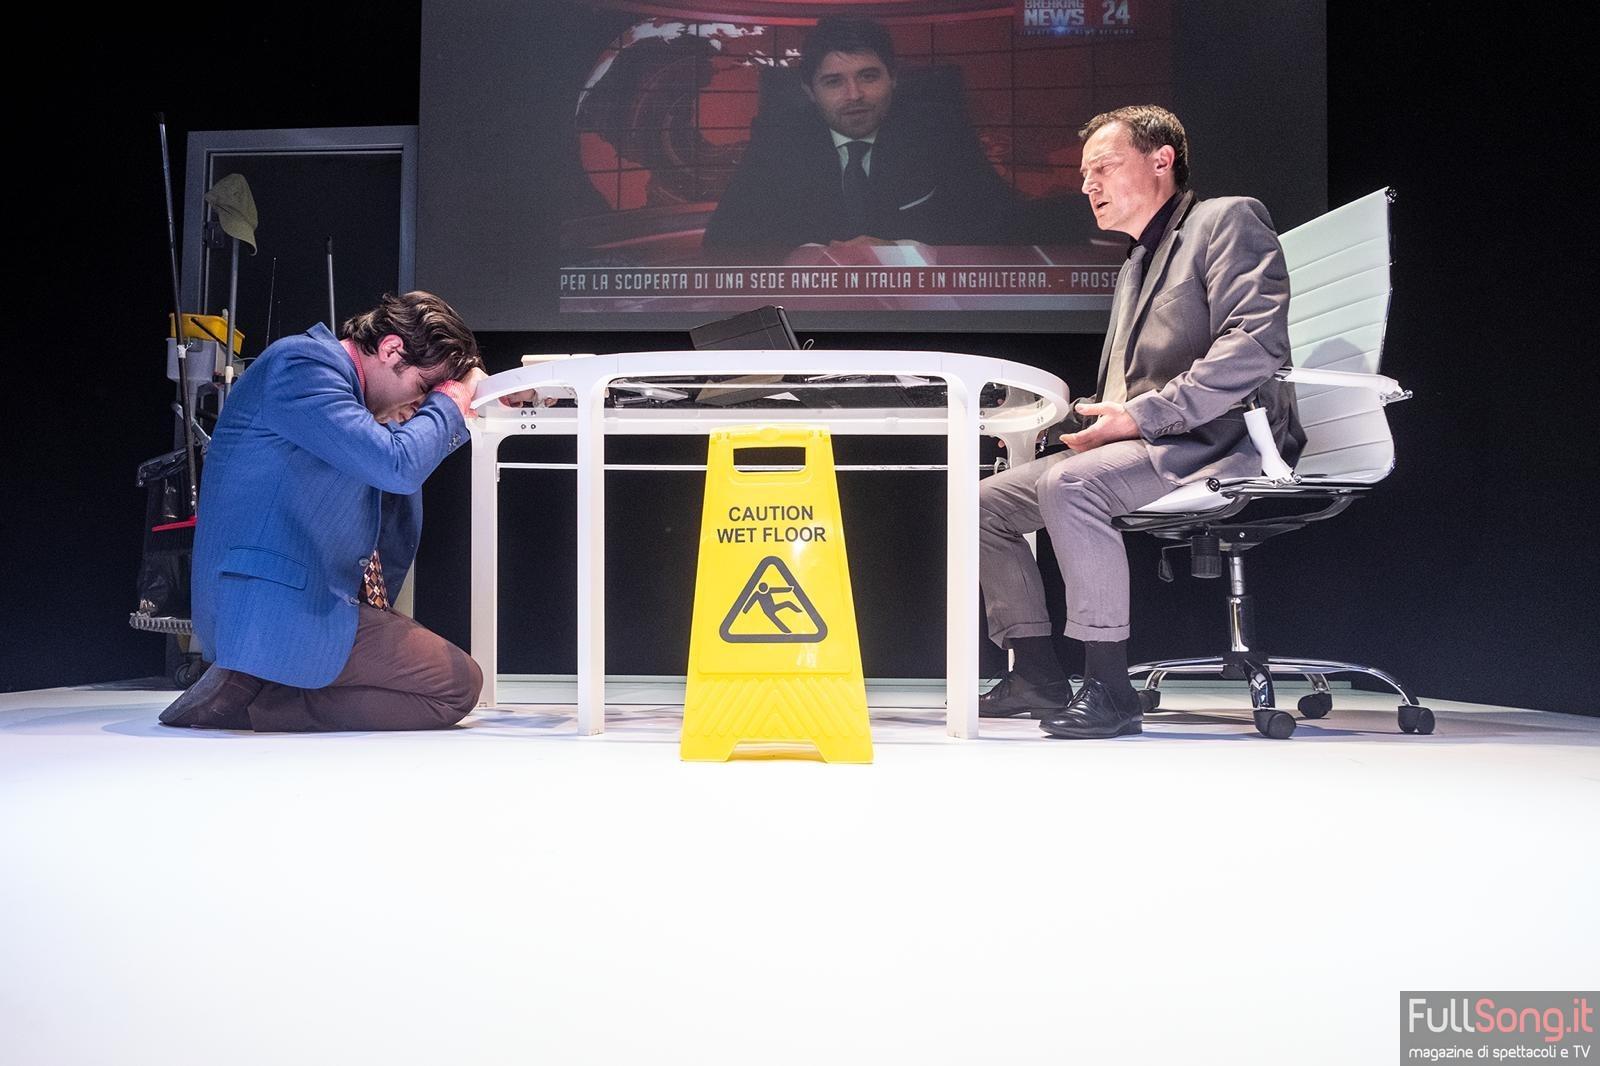 Wet floor, teatro